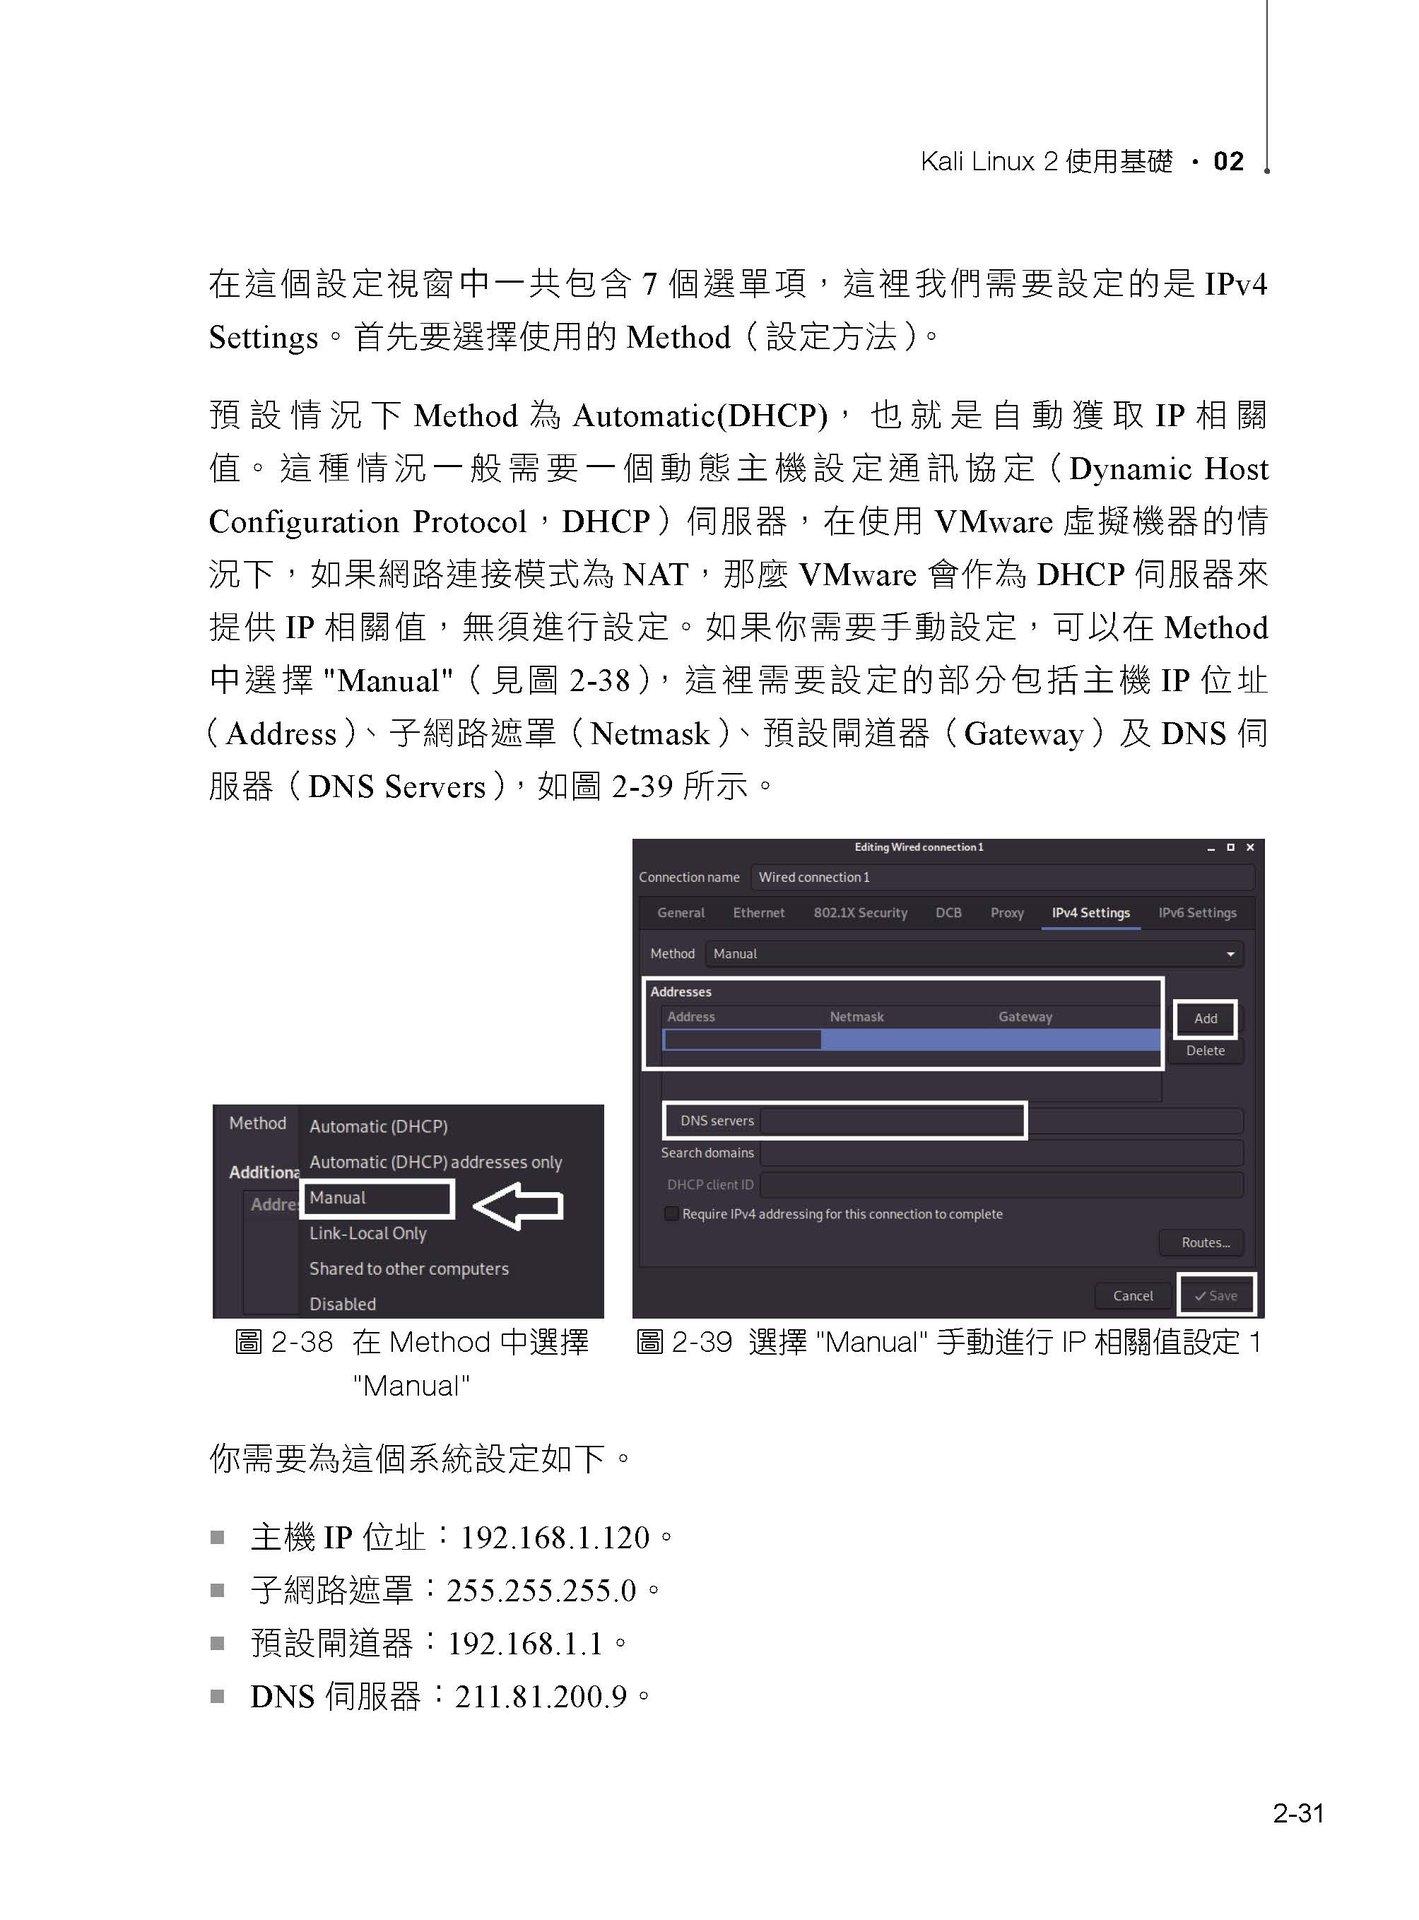 極黑駭客專用的 OS:Kali Linux2 無差別全網滲透-preview-4